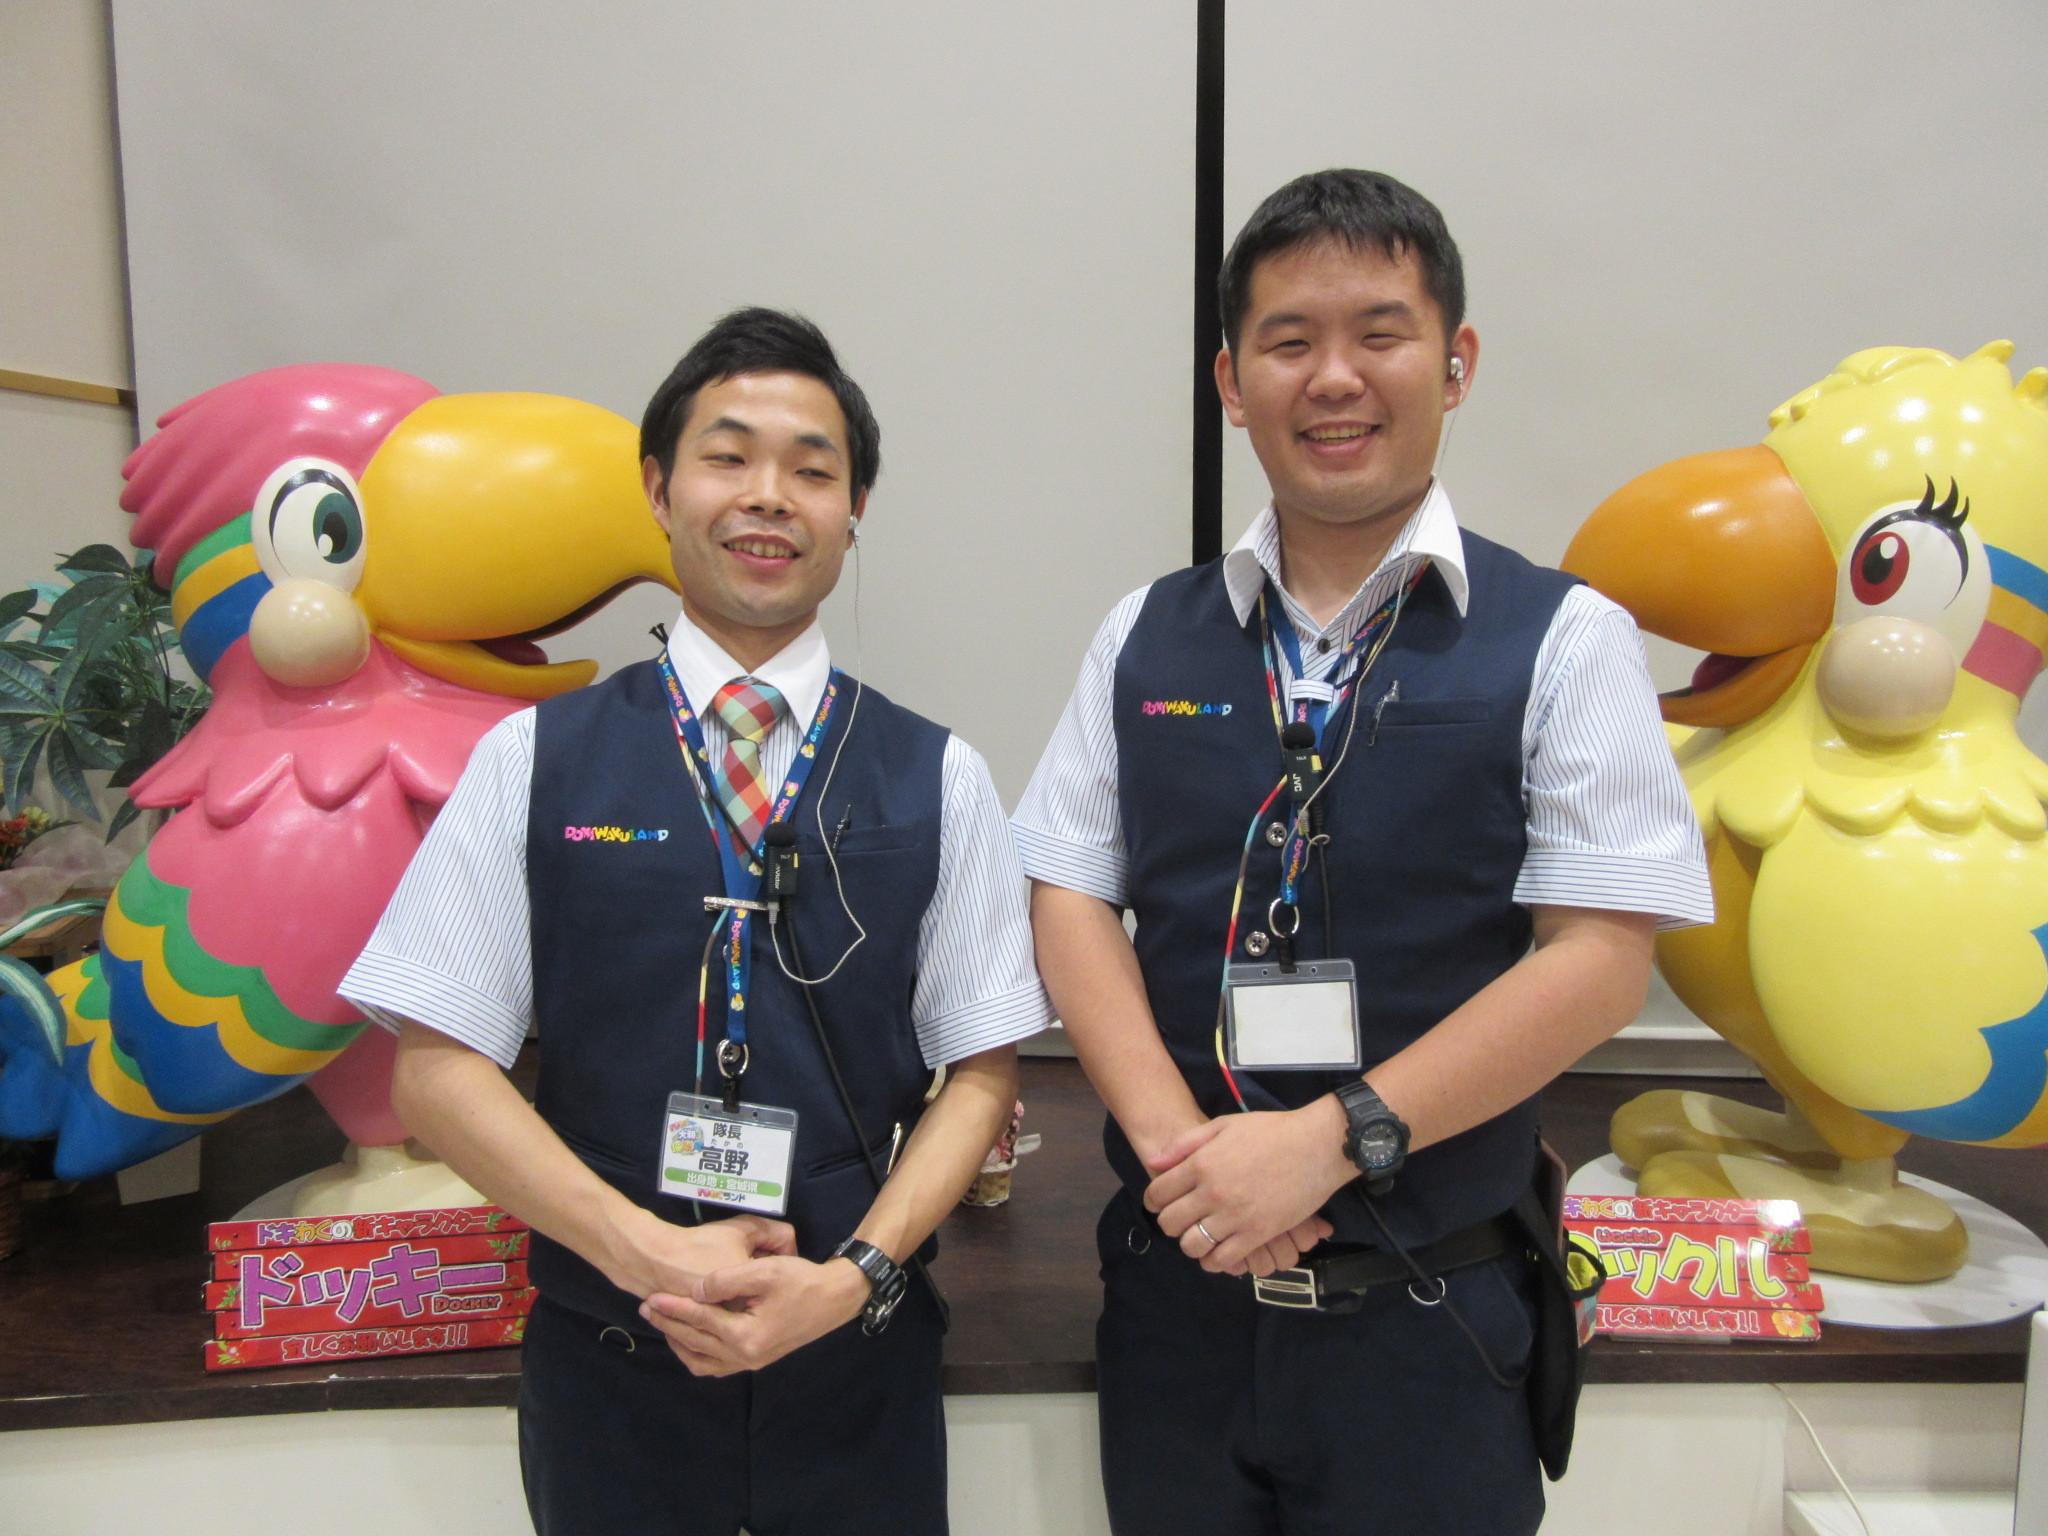 ドキわくランド 北山田店 のアルバイト情報